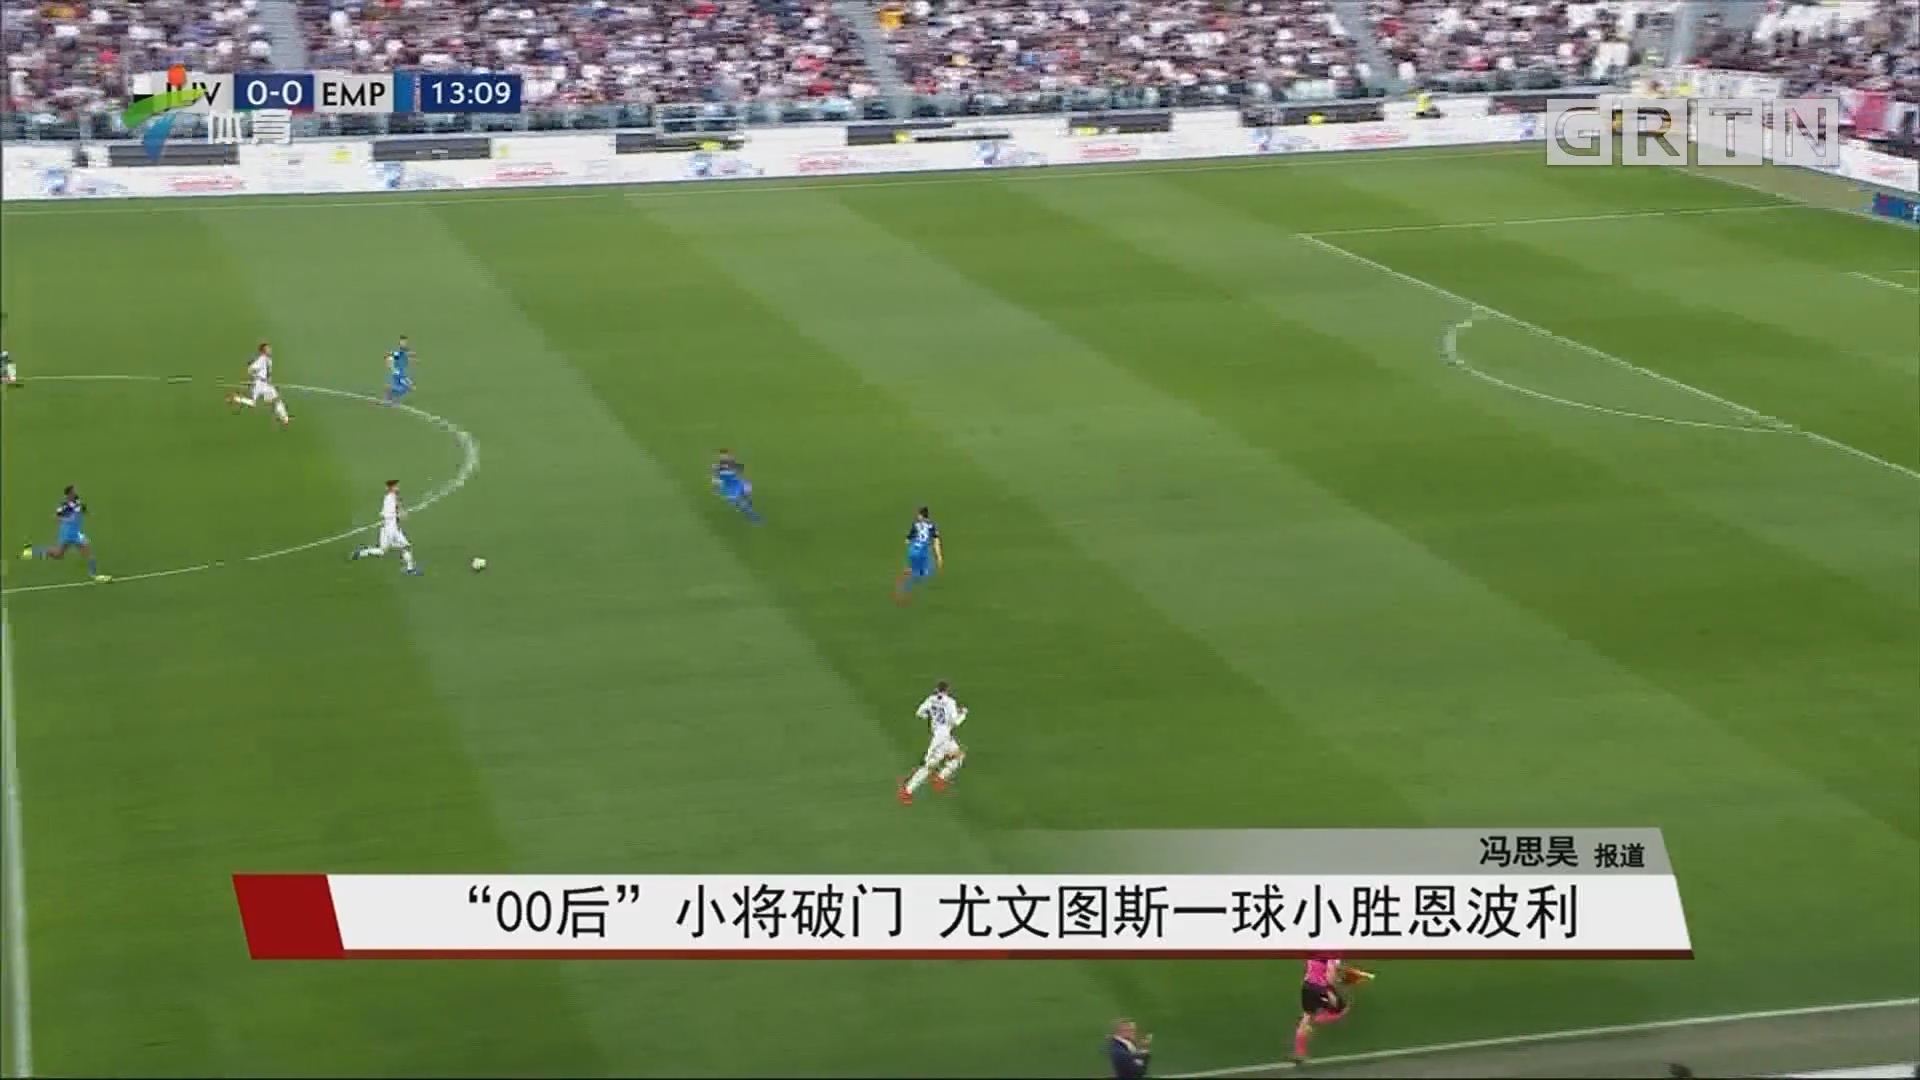 """""""00后""""小将破门 尤文图斯一球小胜恩波利"""